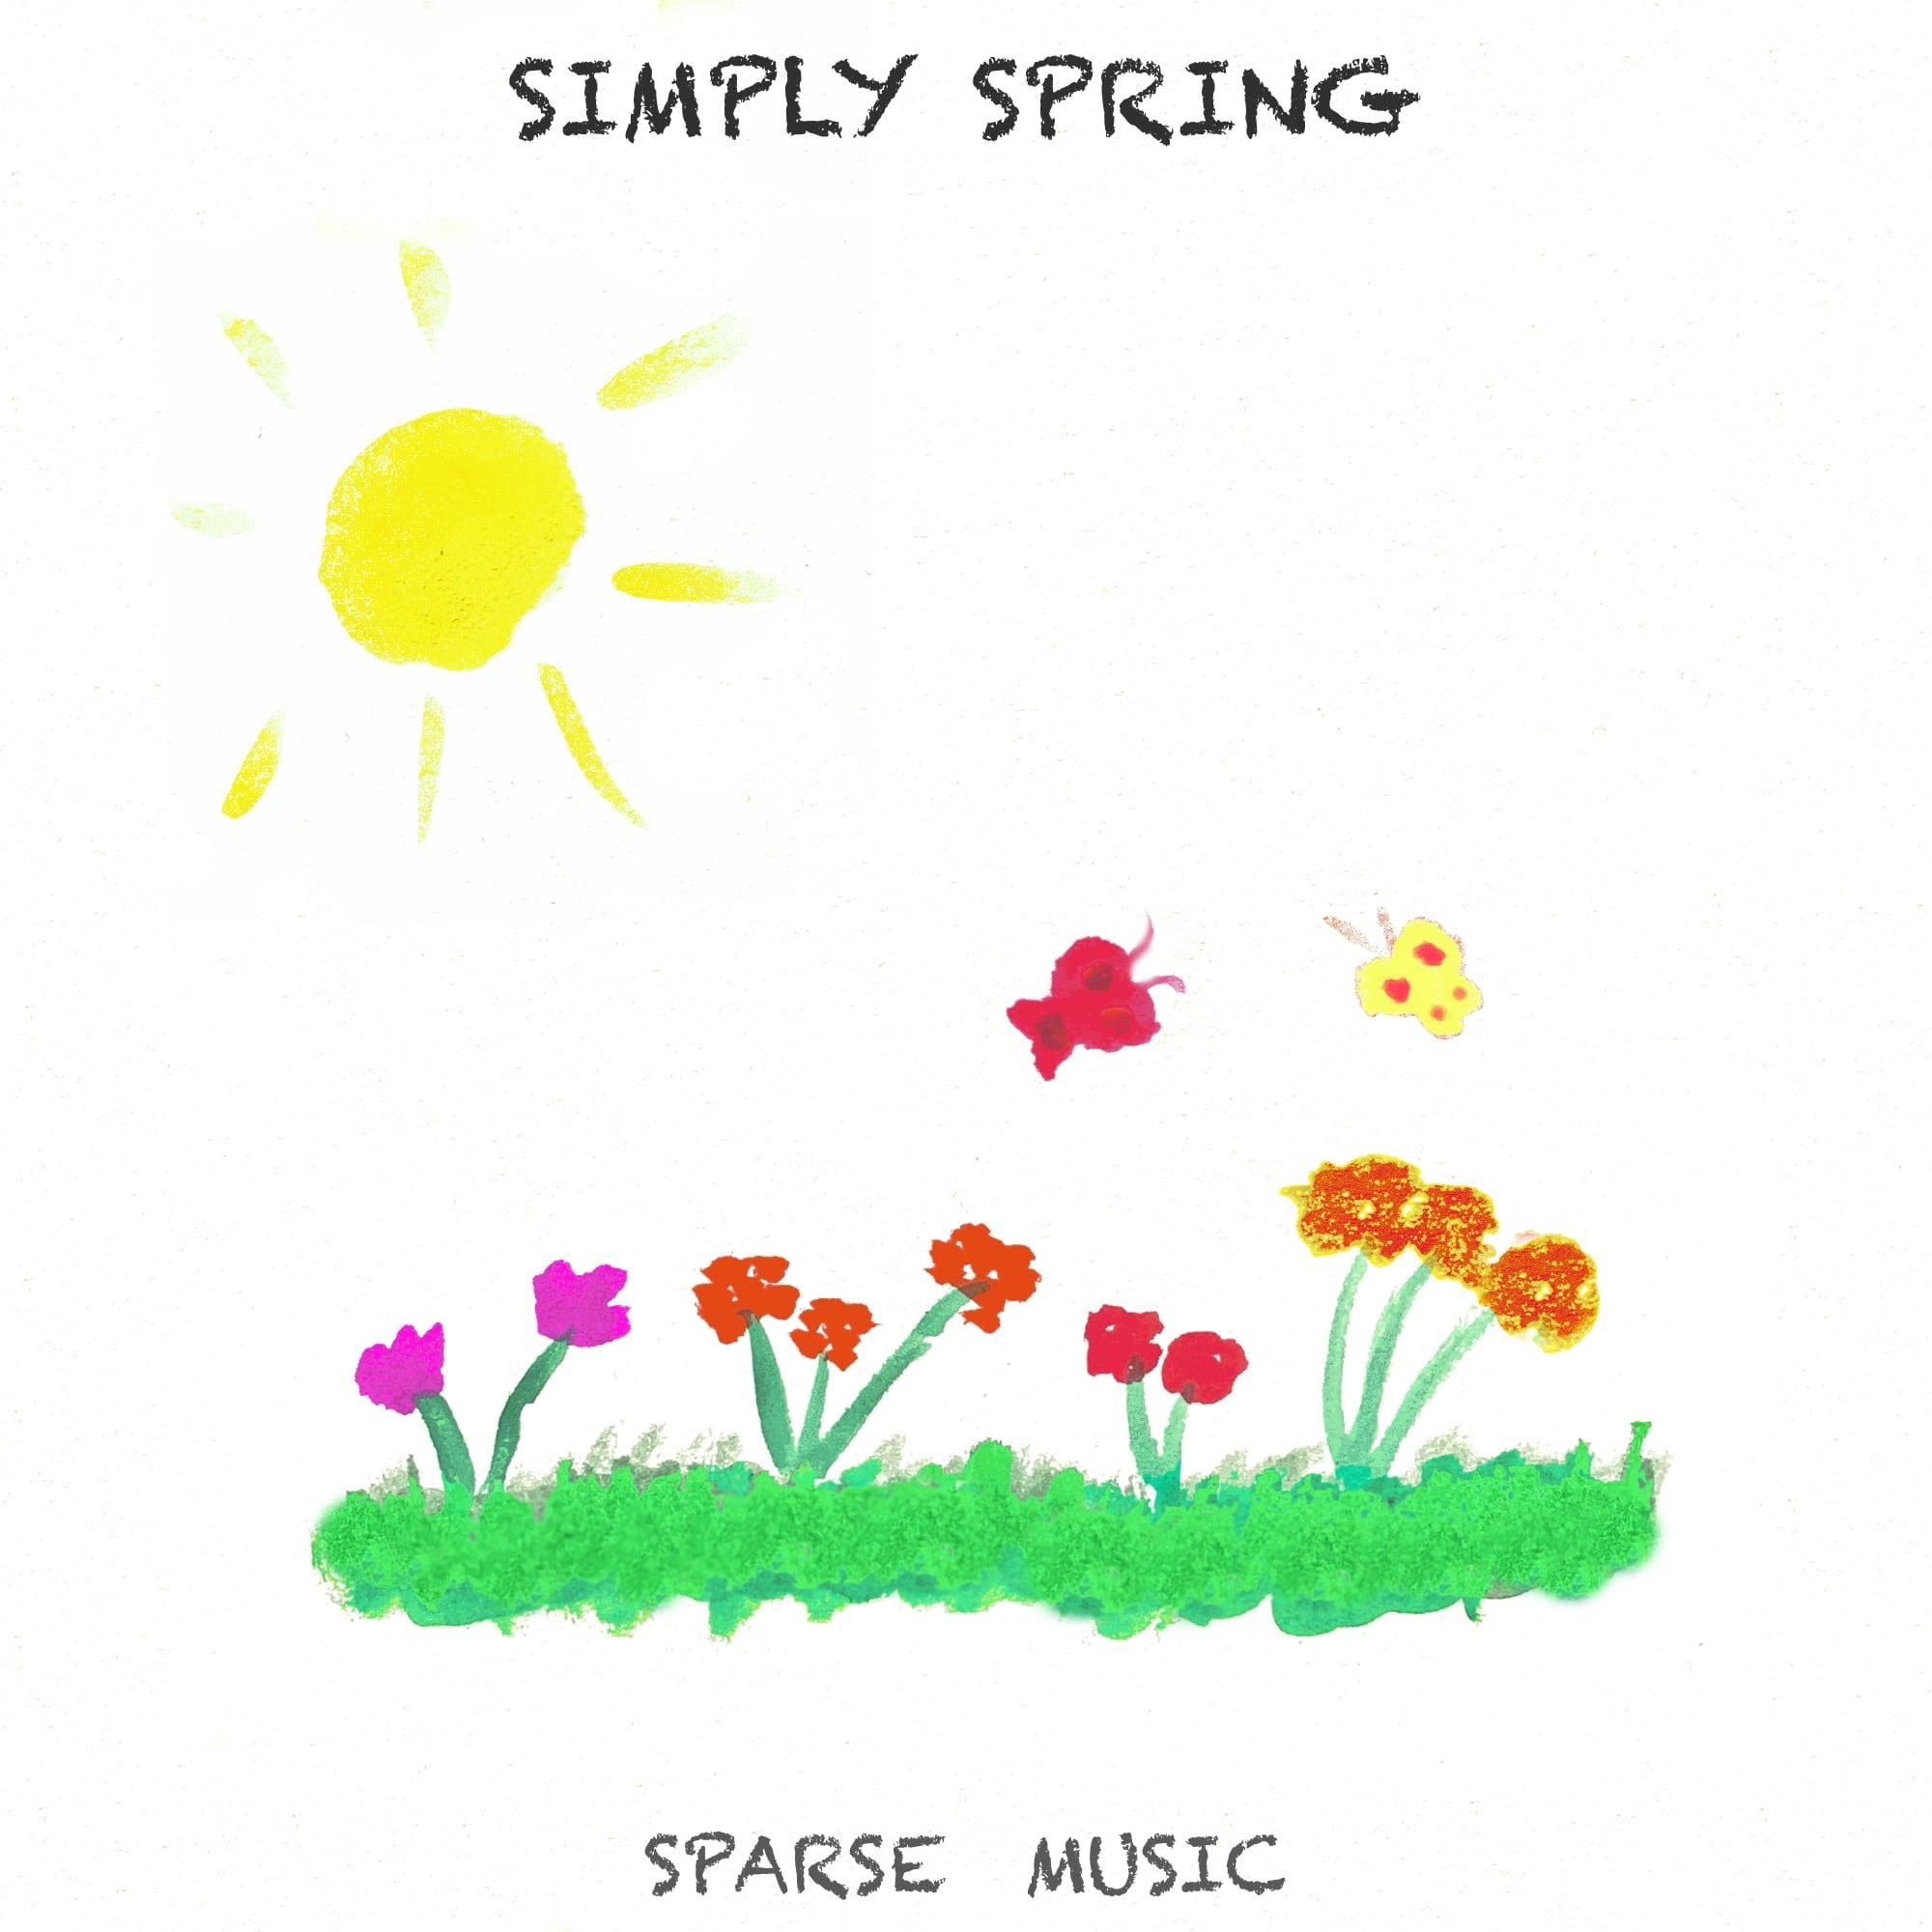 SPRS 01074 Simply Spring 2000